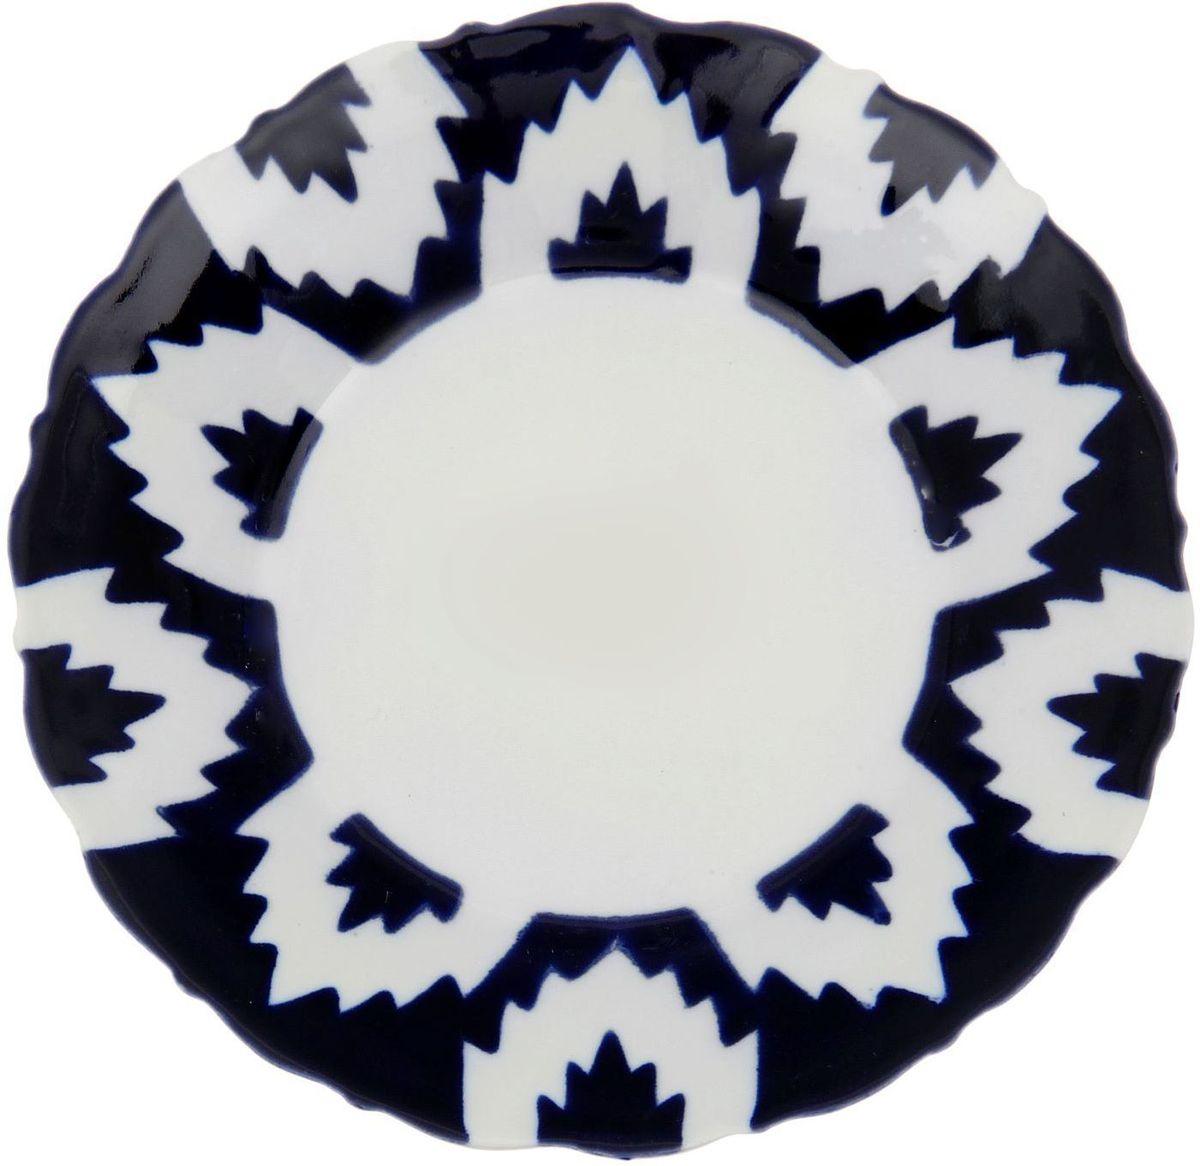 Тарелка Turon Porcelain Атлас, цвет: белый, синий, диаметр 16 см1625379Узбекская посуда известна всему миру уже более тысячи лет. Ей любовались царские особы, на ней подавали еду для шейхов и знатных персон. Формулы красок и глазури передаются из поколения в поколение. По сей день качественные расписные изделия продолжают восхищать совершенством и завораживающей красотой.Данный предмет подойдёт для повседневной и праздничной сервировки. Дополните стол текстилем и салфетками в тон, чтобы получить элегантное убранство с яркими акцентами.Национальная узбекская роспись «Атлас» имеет симметричный геометрический рисунок. Узоры, похожие на листья, выводятся тонкой кистью, фон заливается тёмно-синим кобальтом. Синий краситель при обжиге слегка растекается и придаёт контуру изображений голубой оттенок. Густая глазурь наносится толстым слоем, благодаря чему рисунок мерцает.